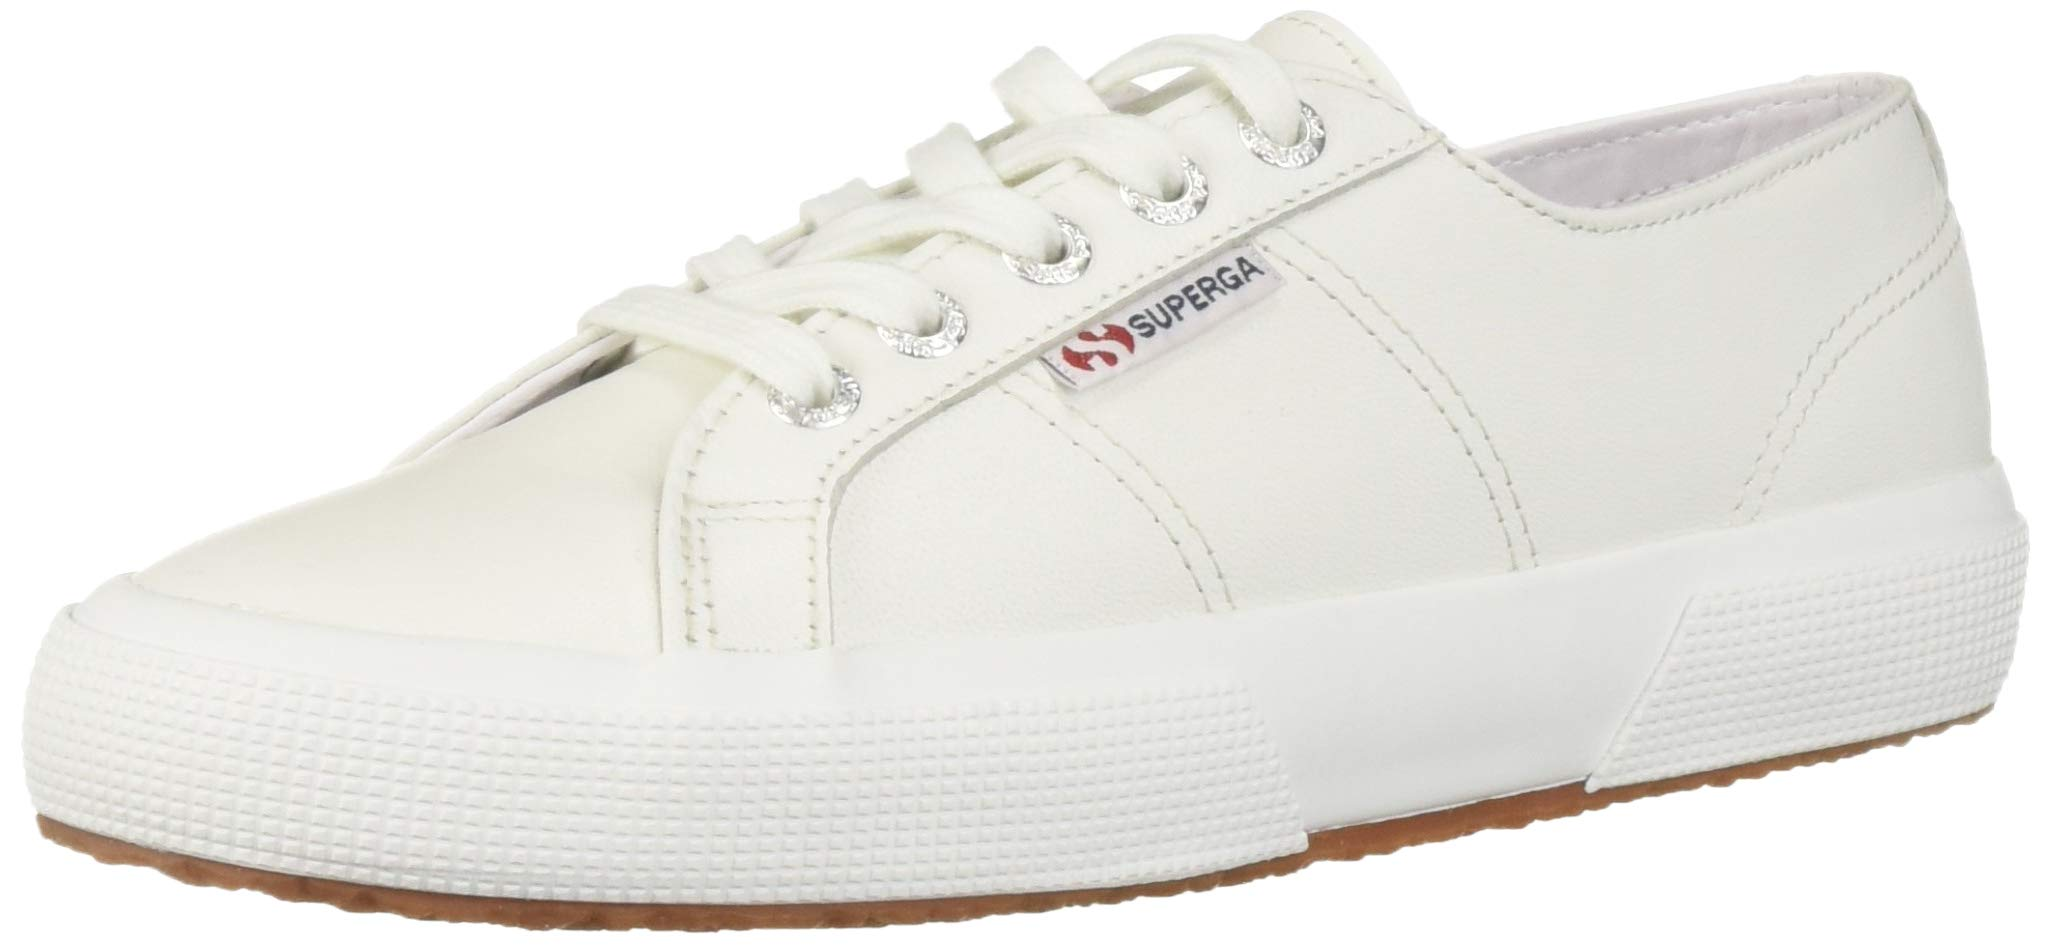 Women's 2750 Nappaleau Sneaker- Buy